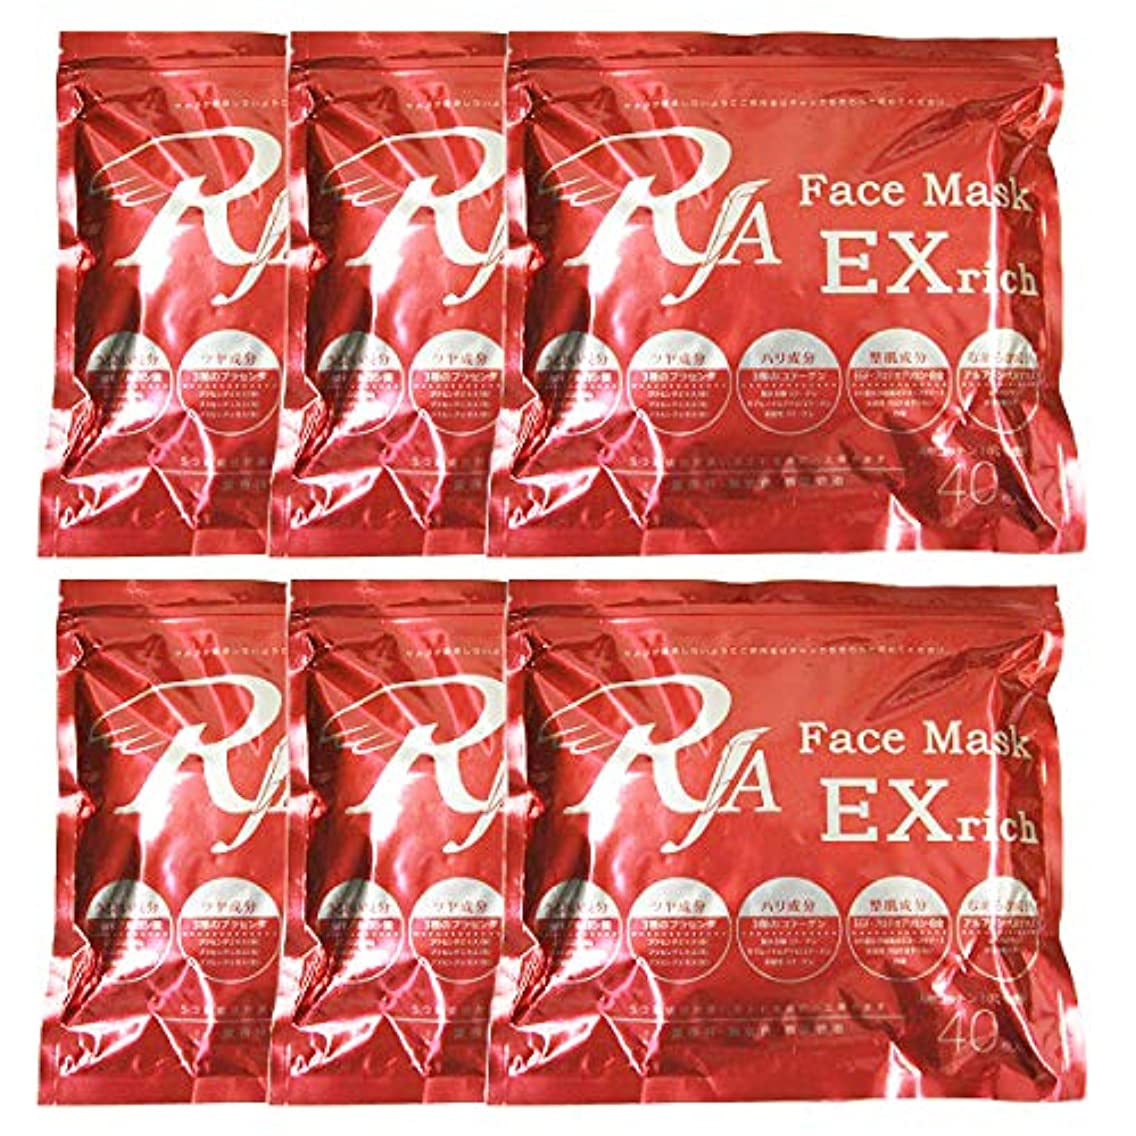 除外する受け皿バストTBS公式/RJA フェイス マスク EXrich 240枚入(40枚×6袋) エステ使用の実力派フェイスマスク!1枚に約11mlもの美容液